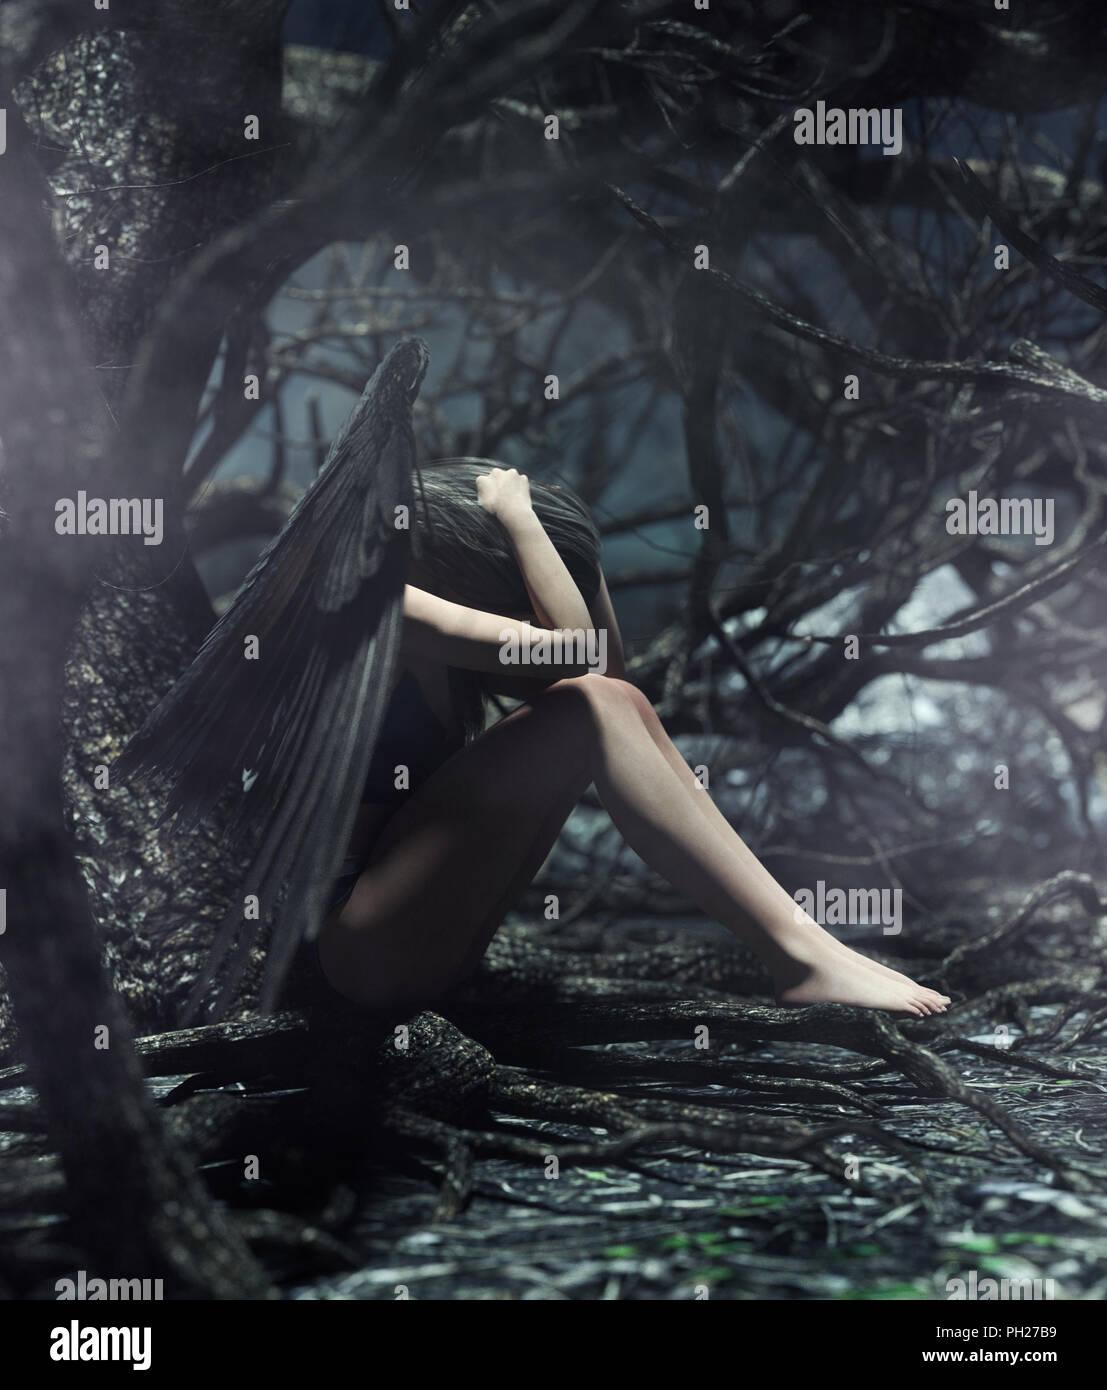 Un ange dans la forêt mystique,3d illustration pour l'illustration de livres ou de couverture de livre Photo Stock